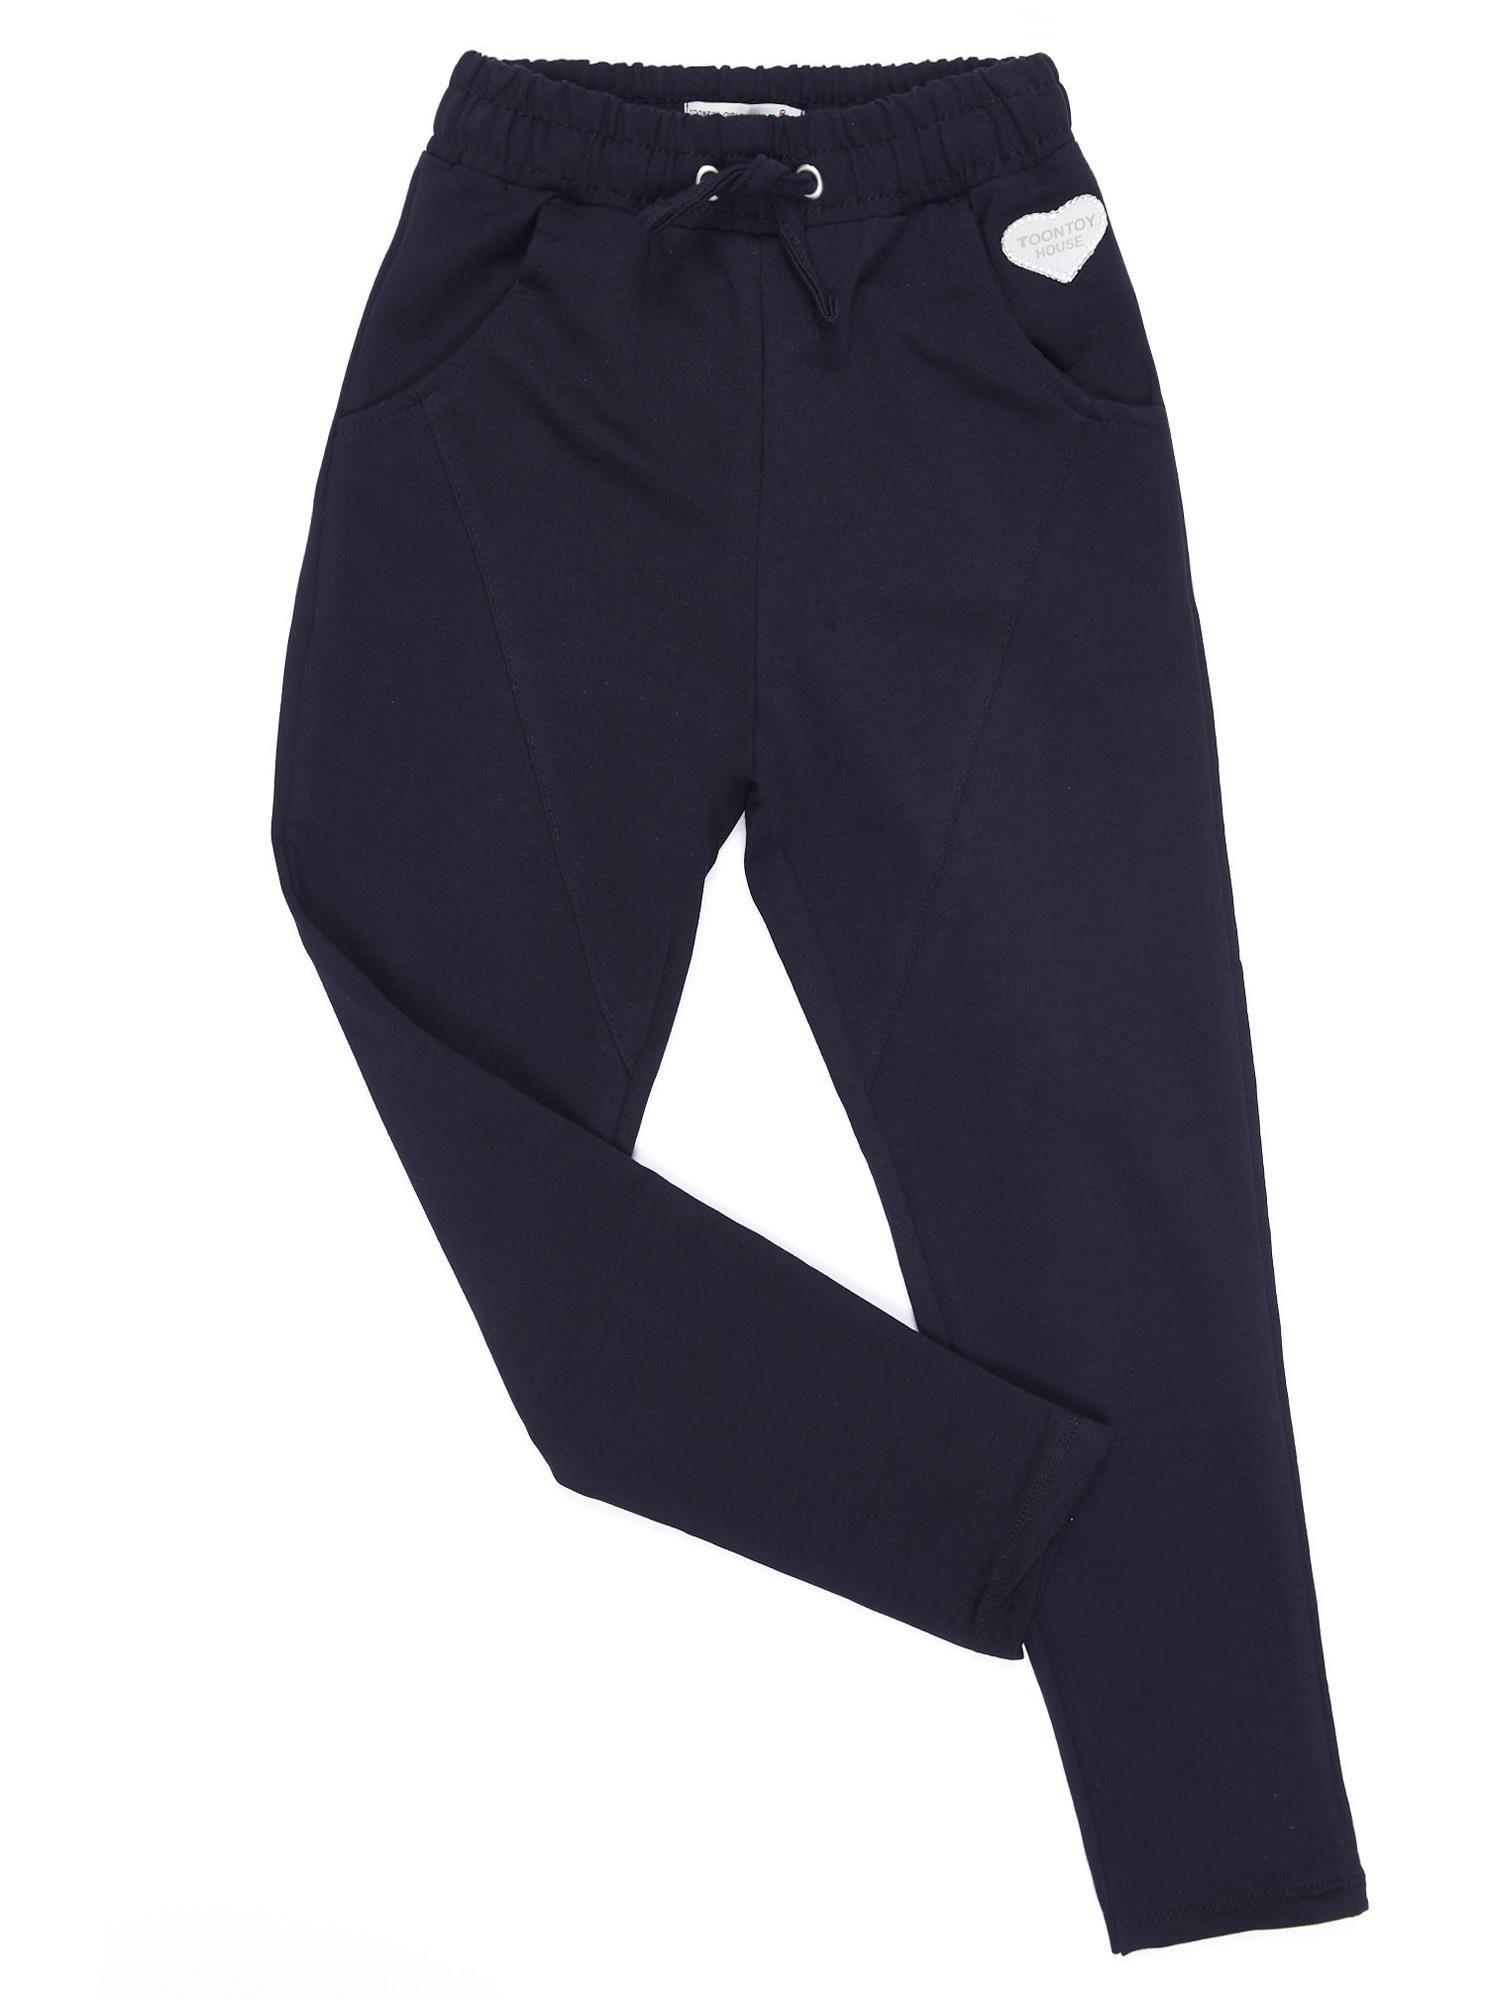 868c1d54c Czarne spodnie dresowe dla dziewczynki - Dziecko Dziewczynka - sklep  eButik.pl